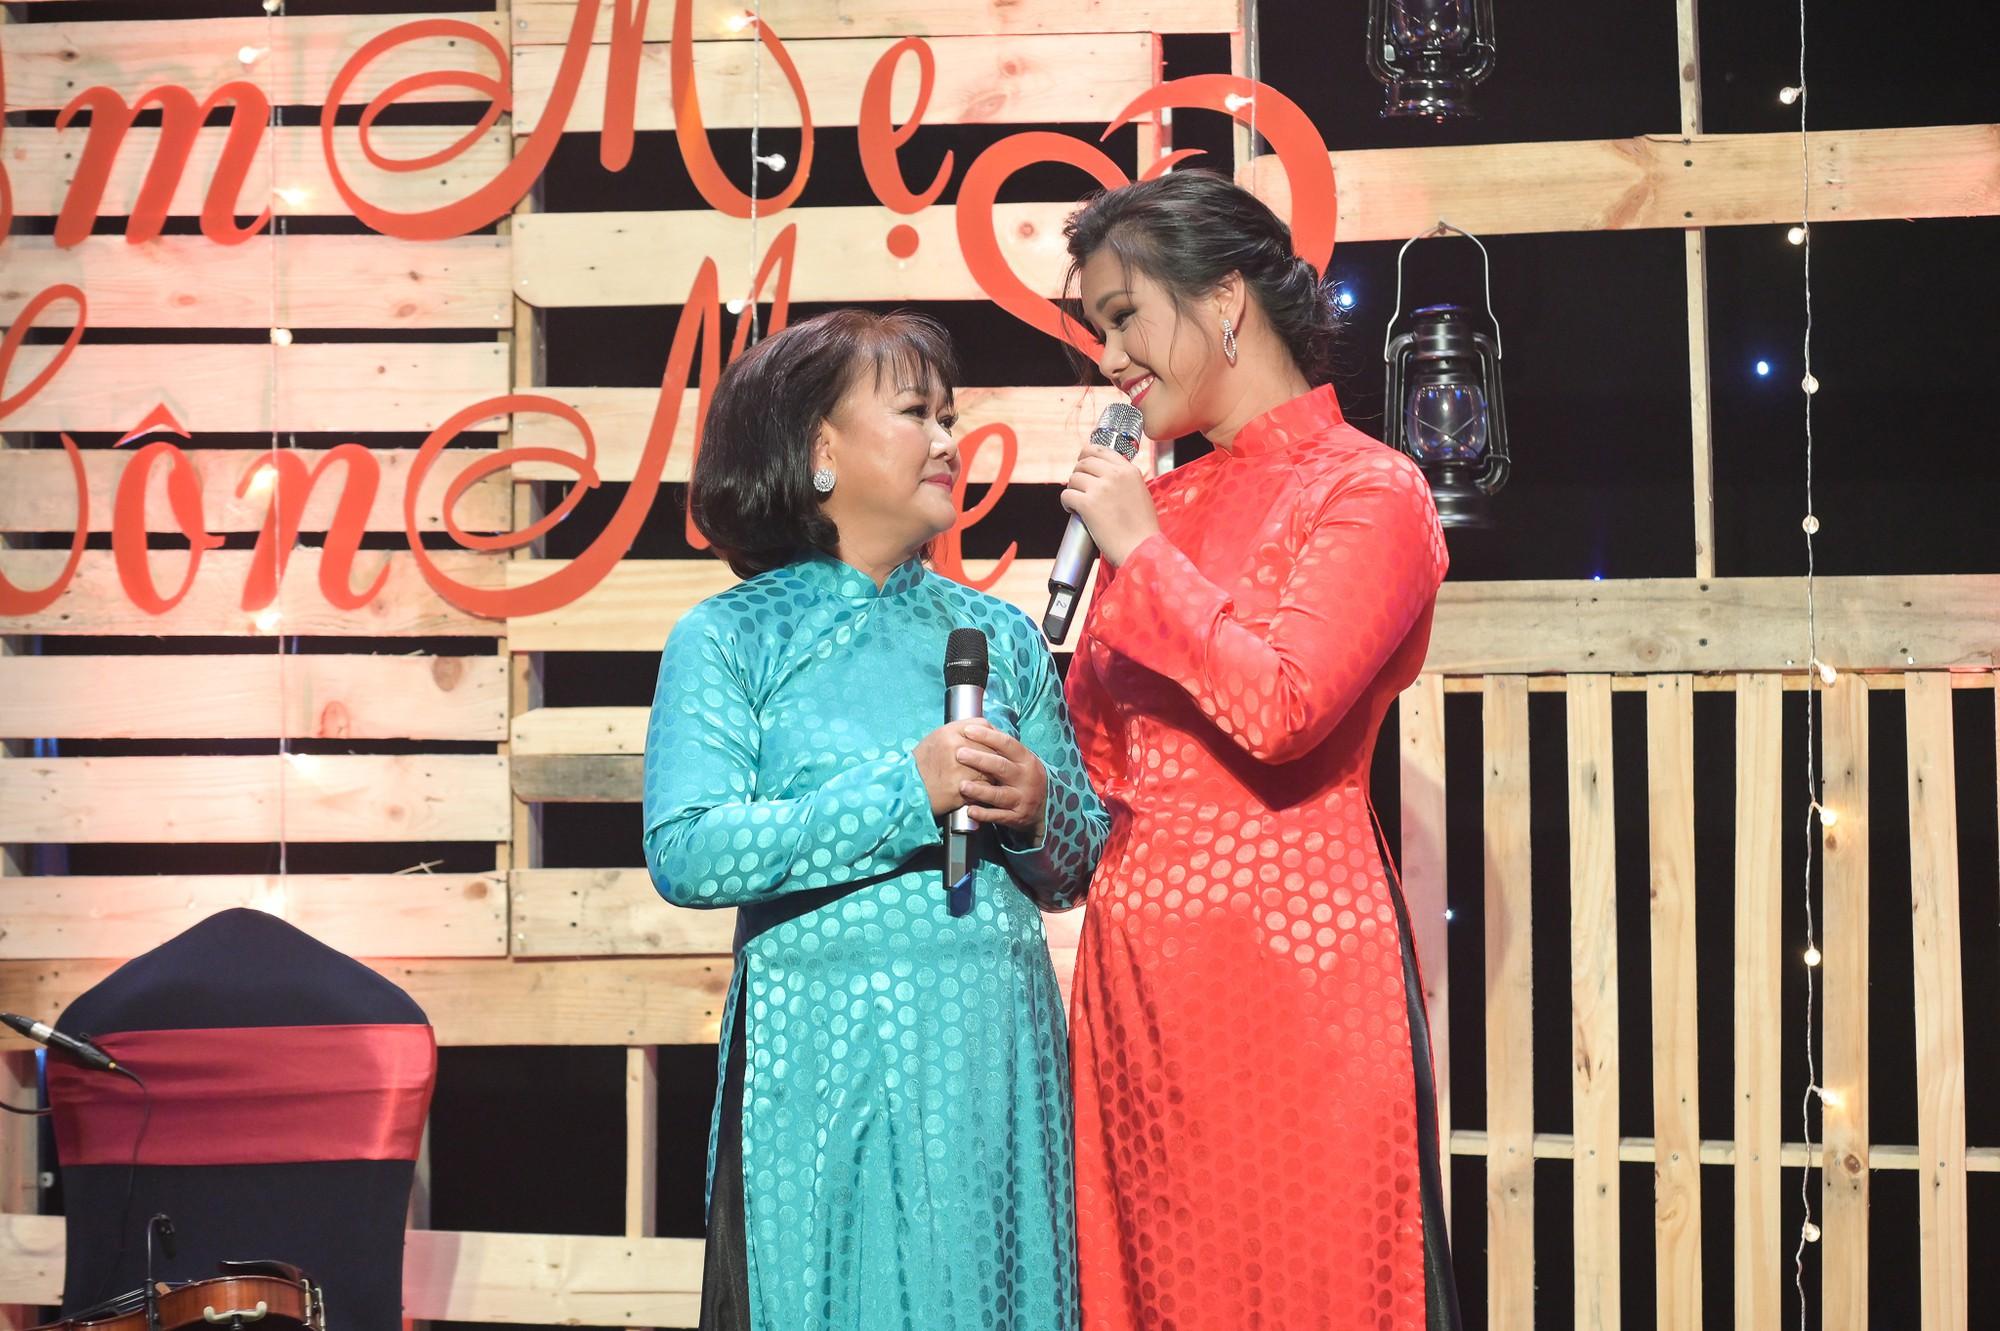 MC Quỳnh Hương khuyến khích mọi người đừng ngại ngần ôm và hôn mẹ khi còn có thể - Ảnh 3.